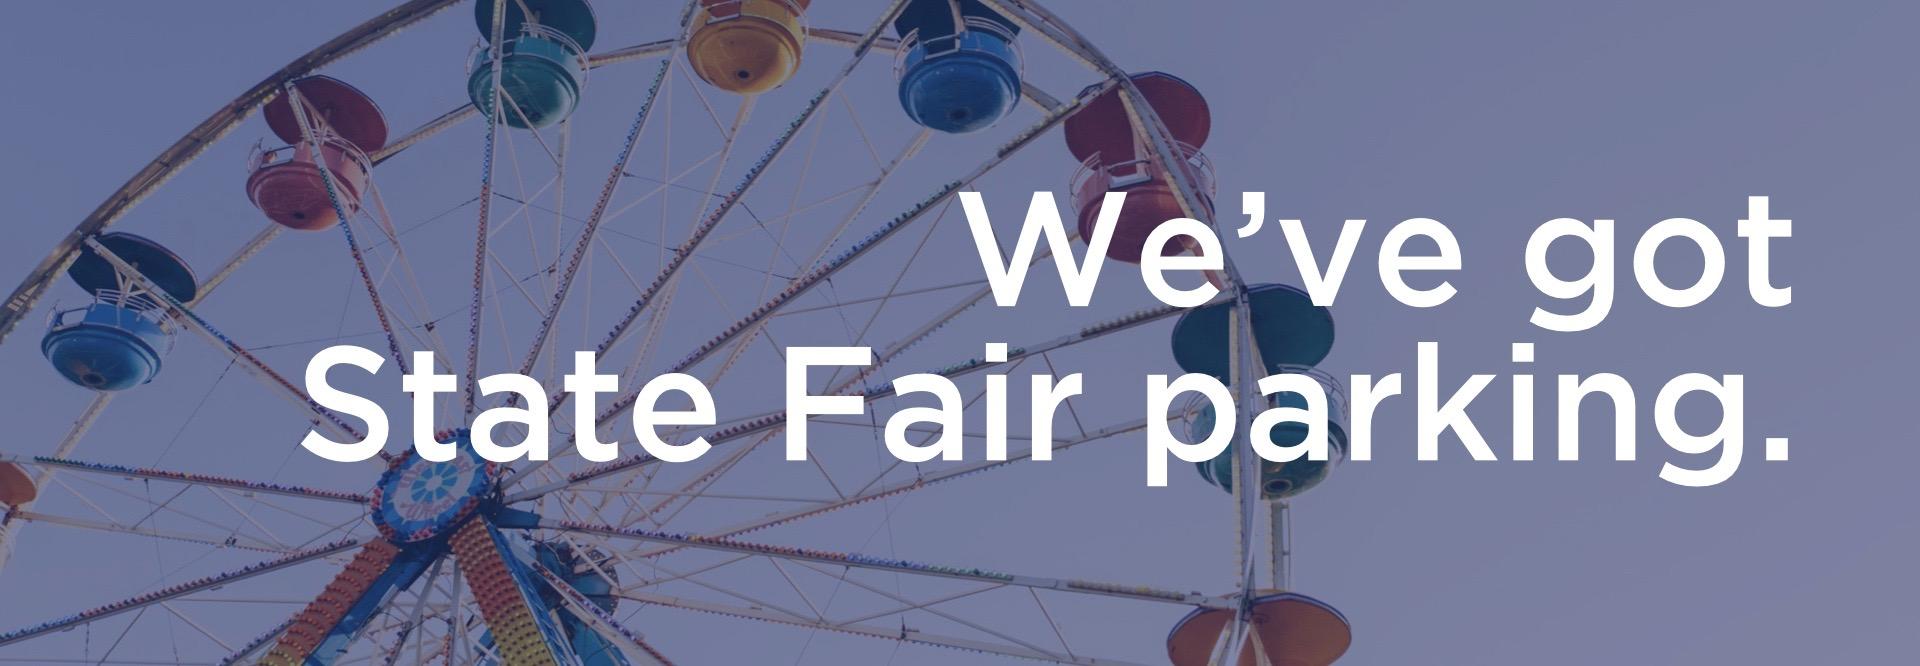 State Fair parking_website1.001.jpg